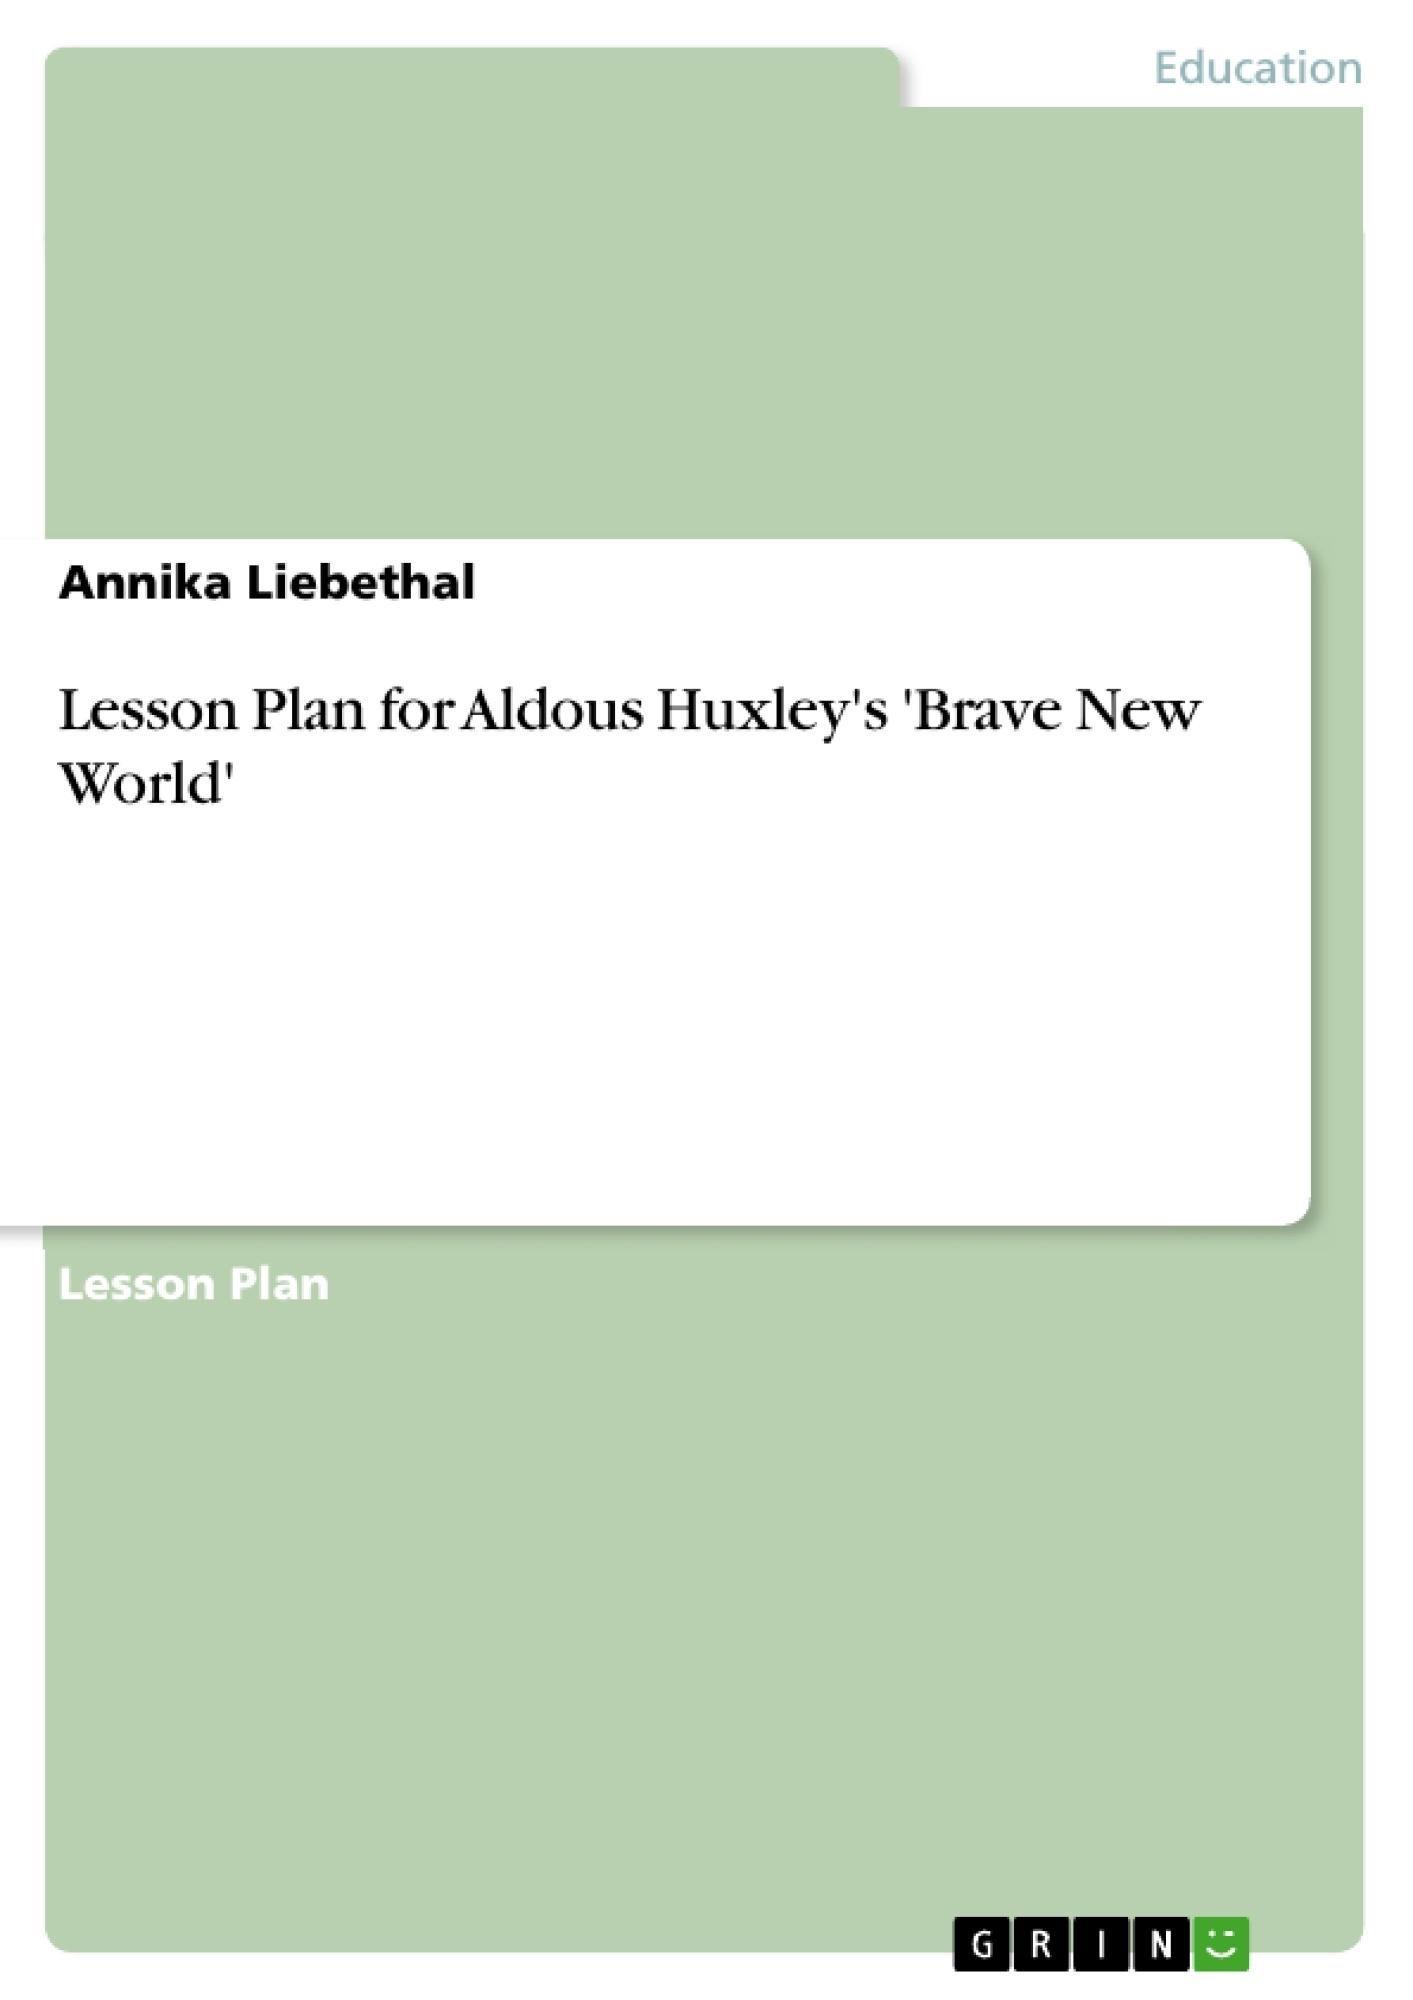 Title: Lesson Plan for Aldous Huxley's 'Brave New World'